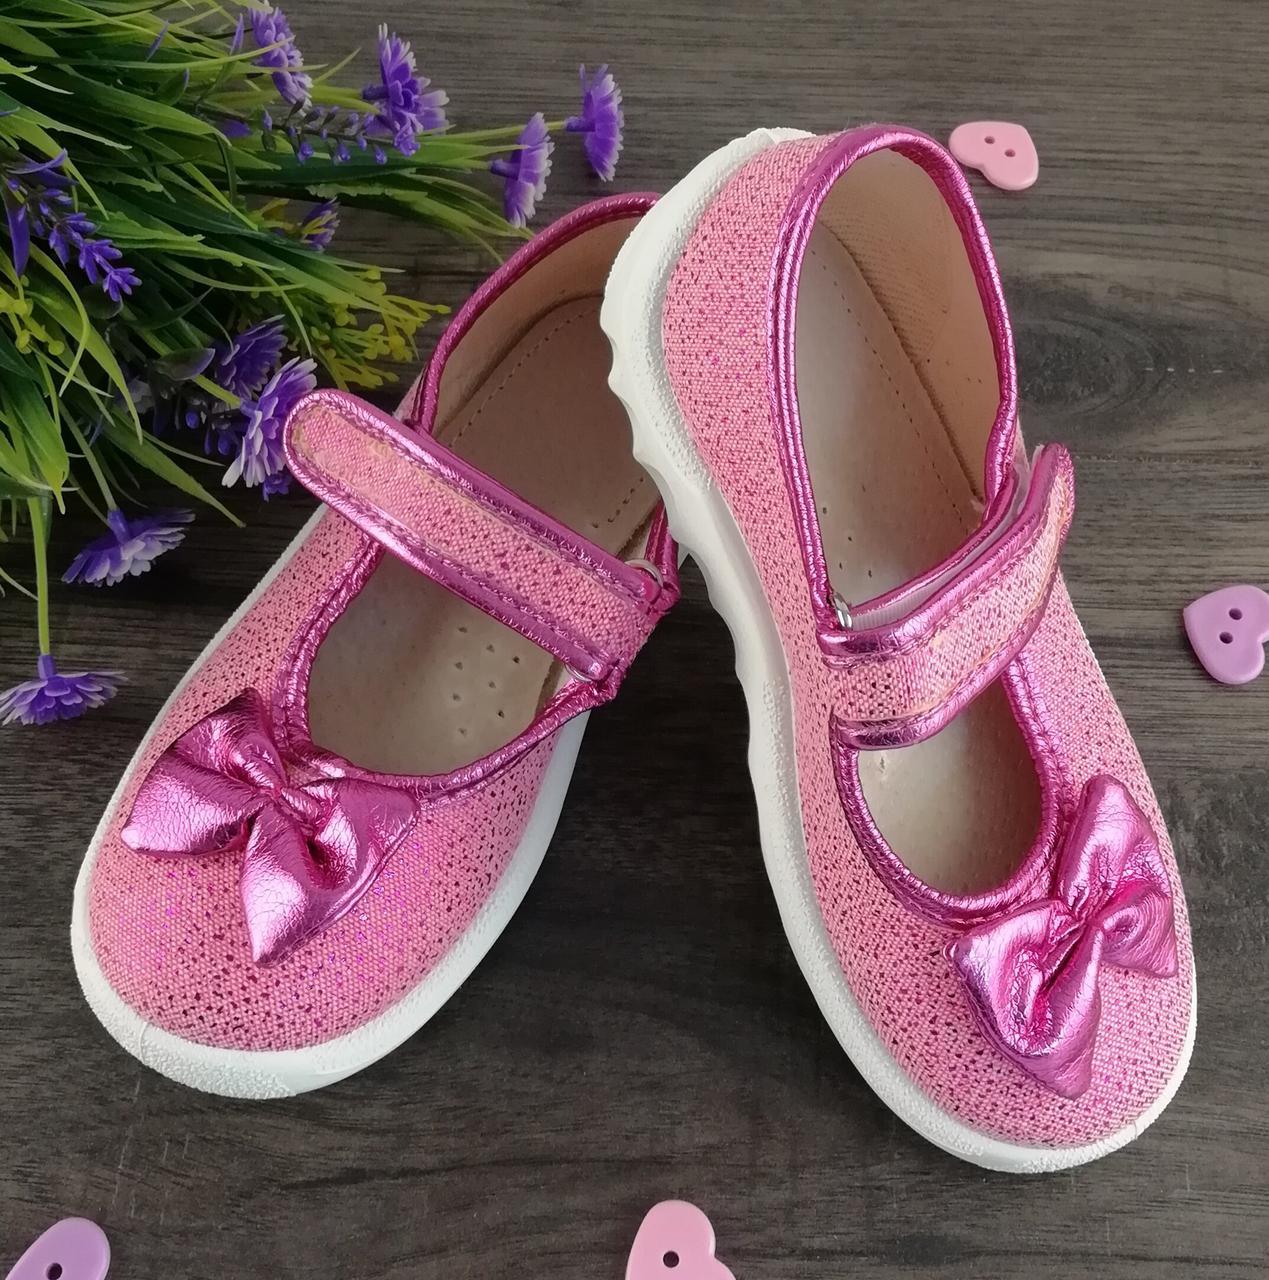 925205356244 Обувь для девочек Катя Элит Бант Розовый Waldi Украина - интернет-магазин